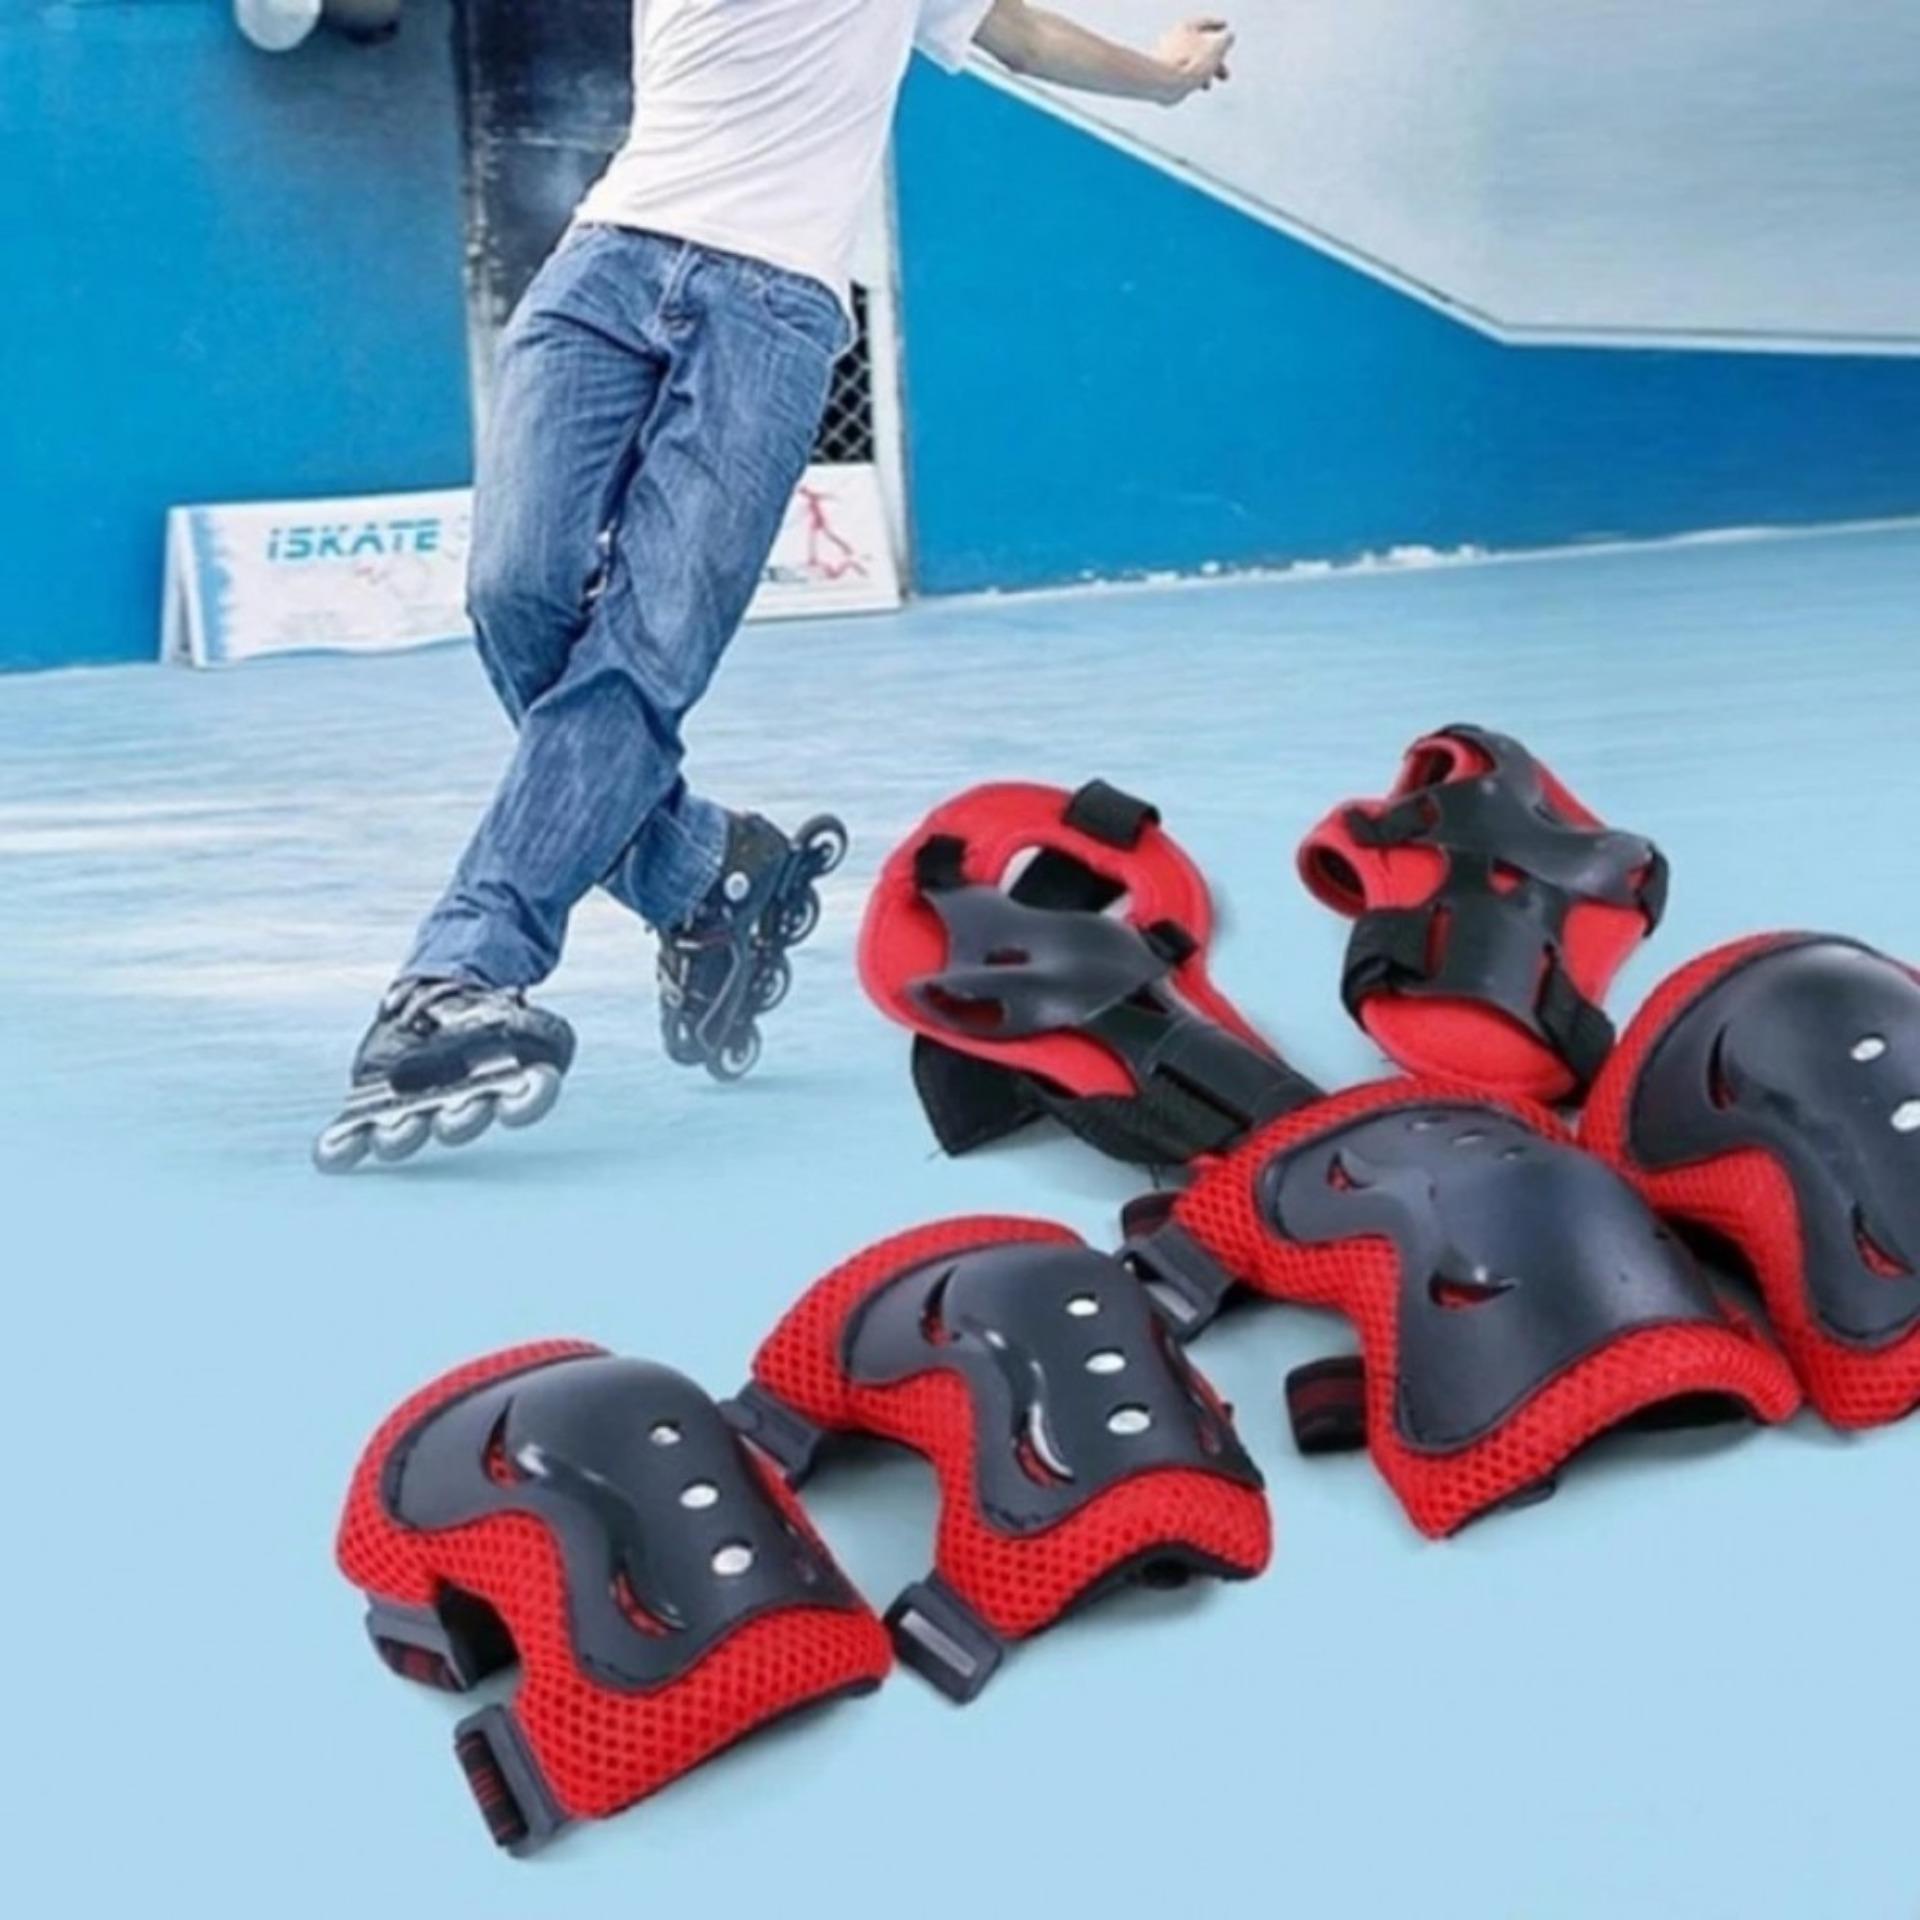 Mua BestMart Bảo vệ bé thể thao thao 4-12 tuổi (Nón+Bao tay chân)